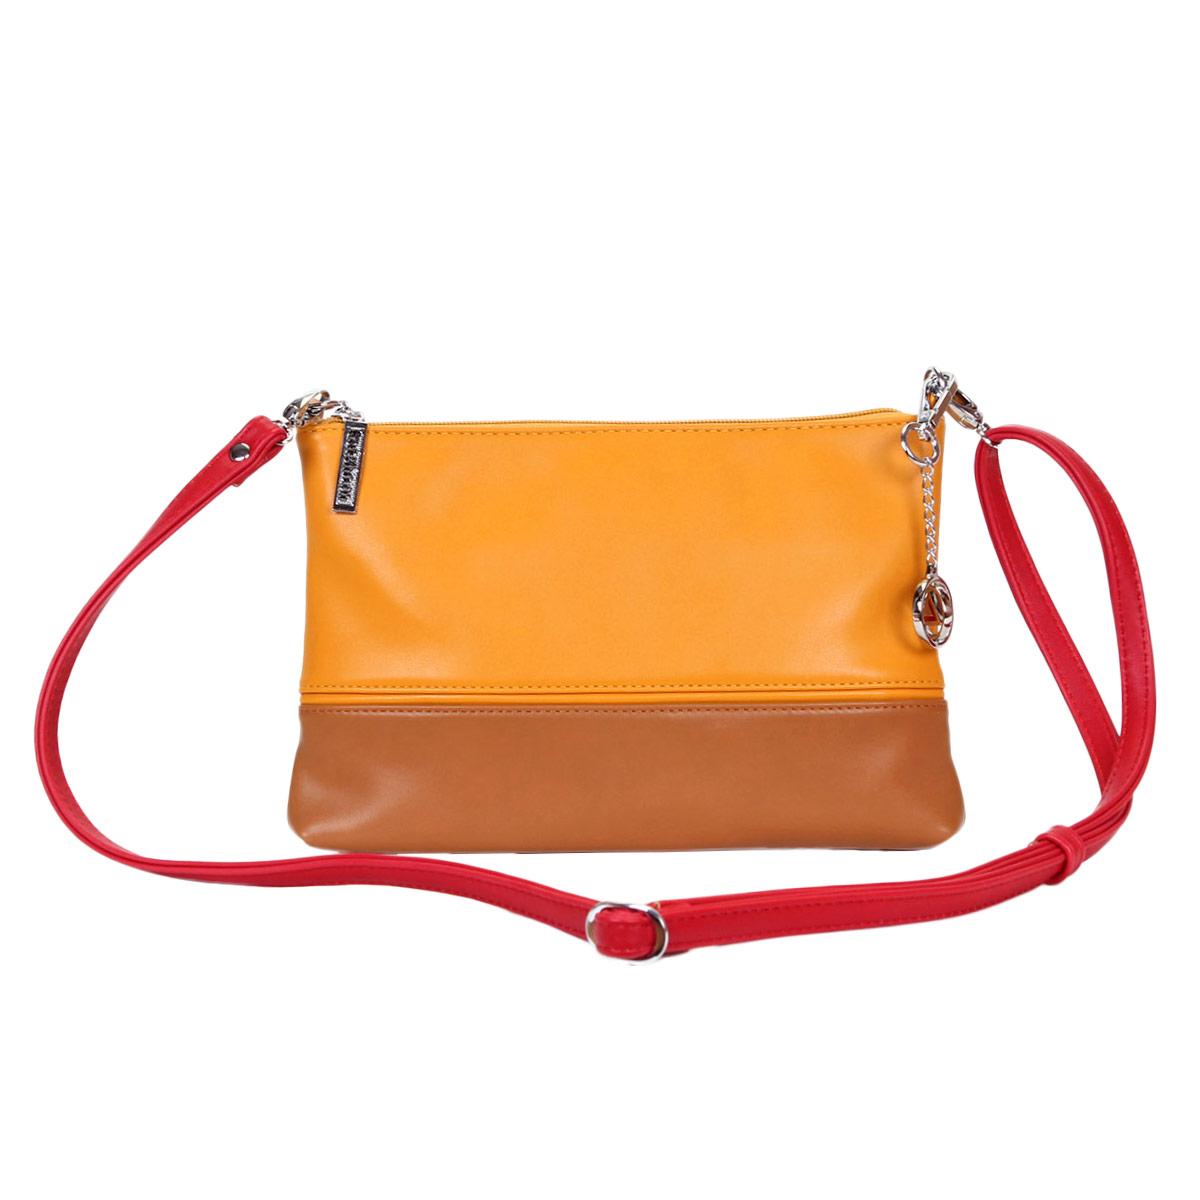 Сумка-клатч женский Leighton, цвет: желтый, темно-бежевый. 10651 ( 10651-1092/826/1092/806/6 )